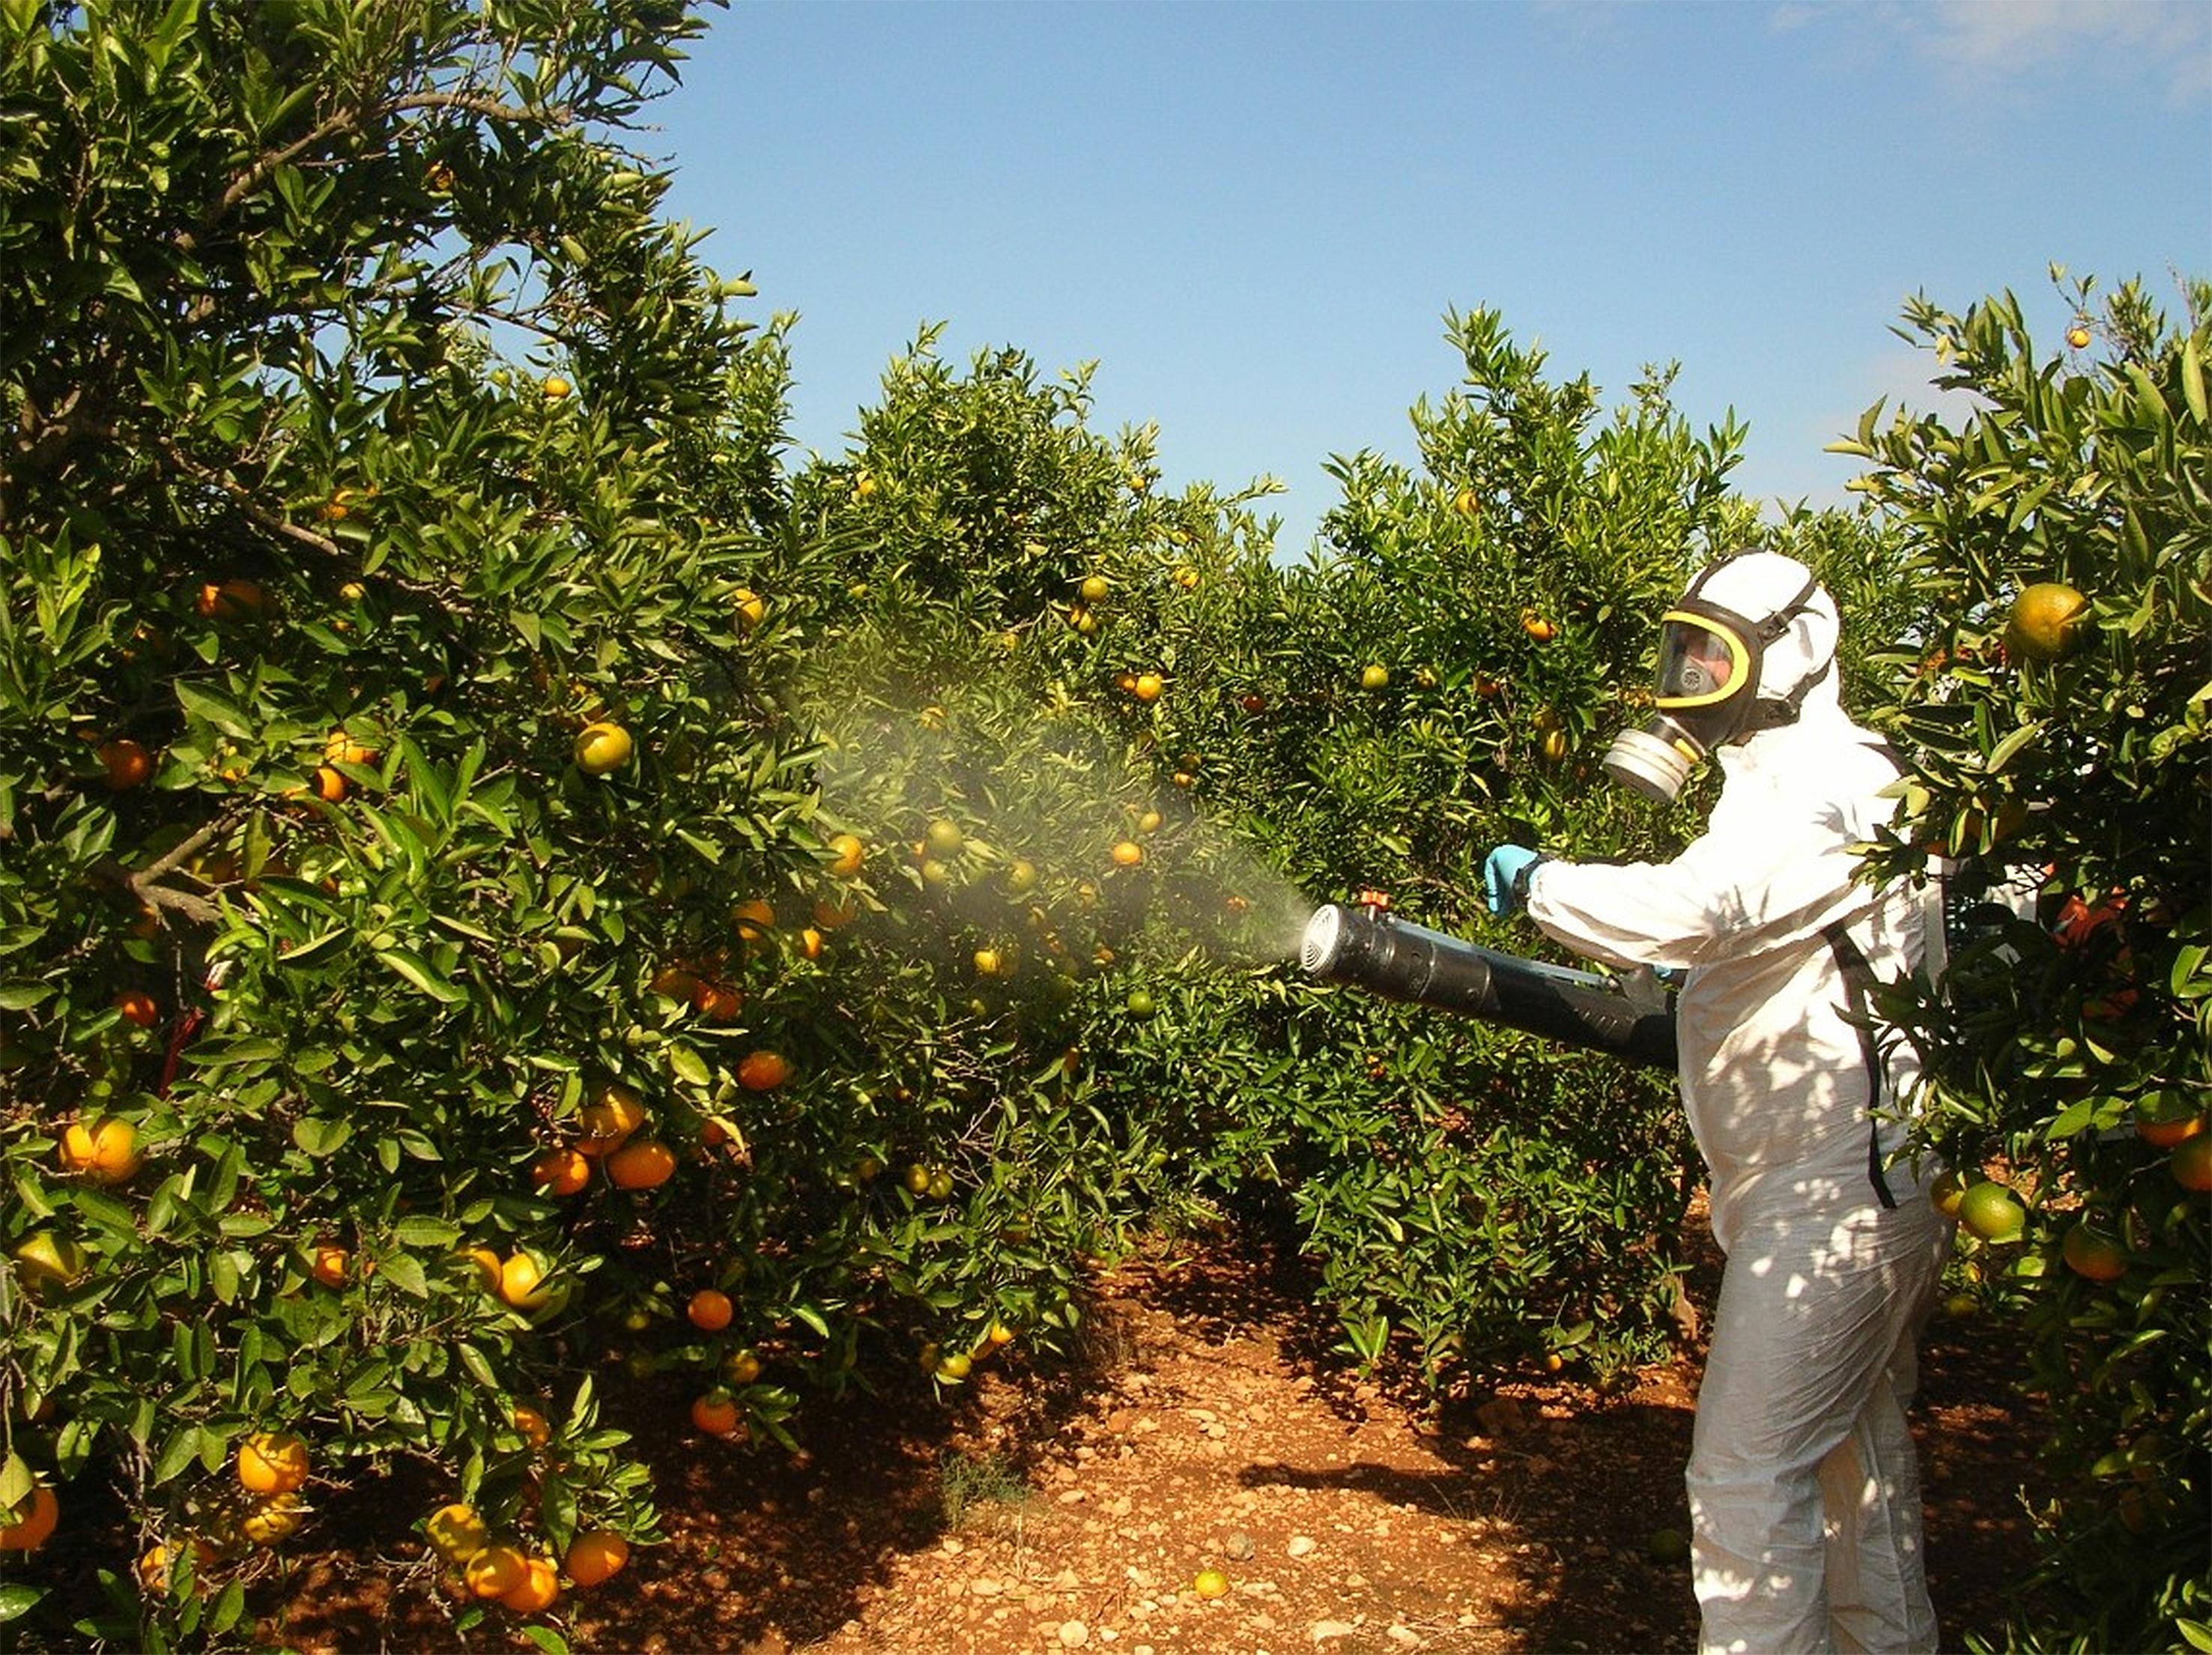 Fumigando con pesticidas la fruta